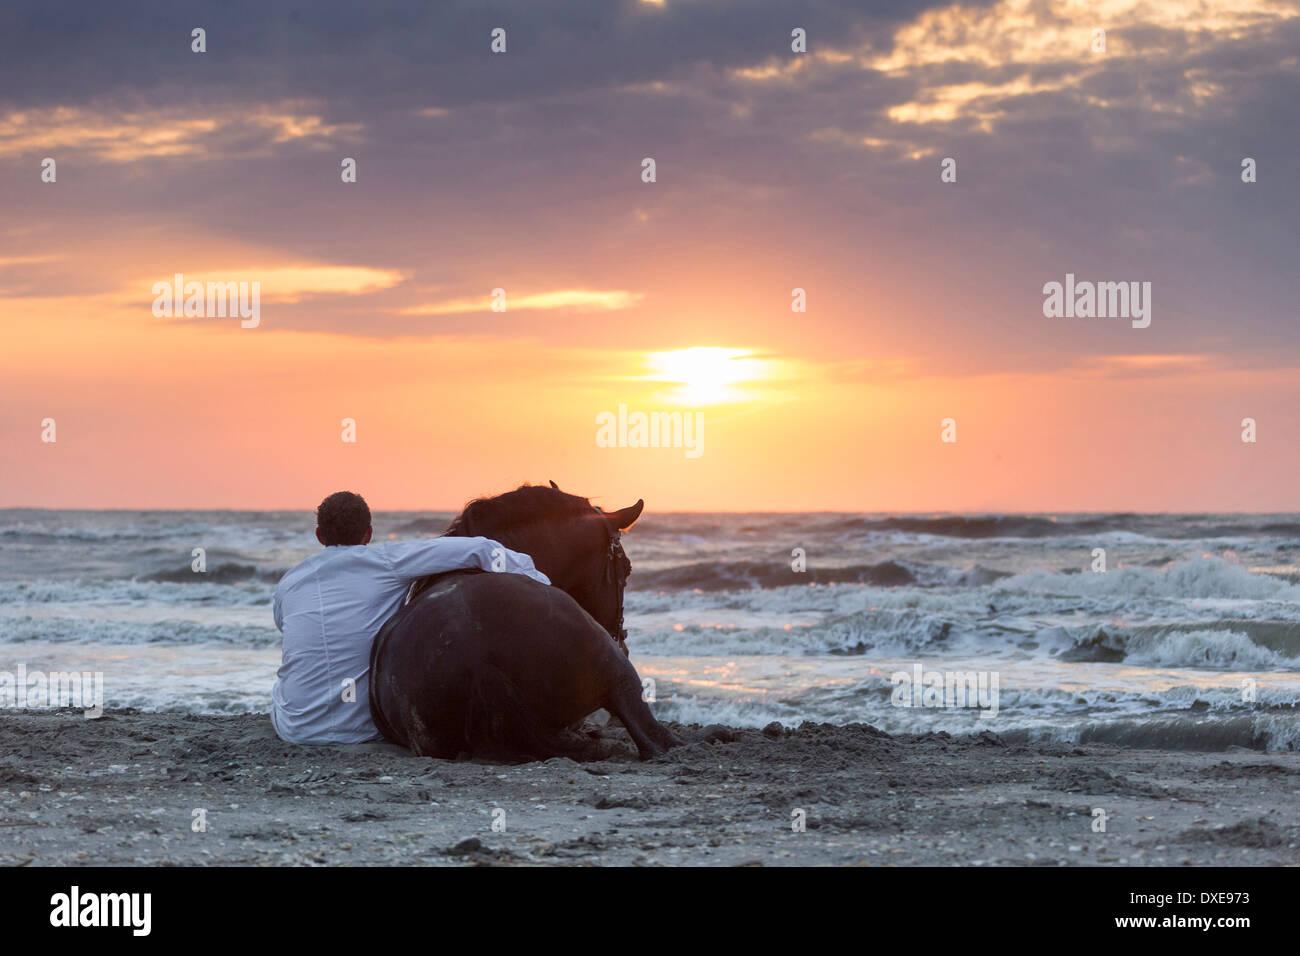 Puro Cavallo Spagnolo andaluso. Stuntman Vali Vasilescu con bay stallone seduto su una spiaggia al tramonto. La Romania Immagini Stock